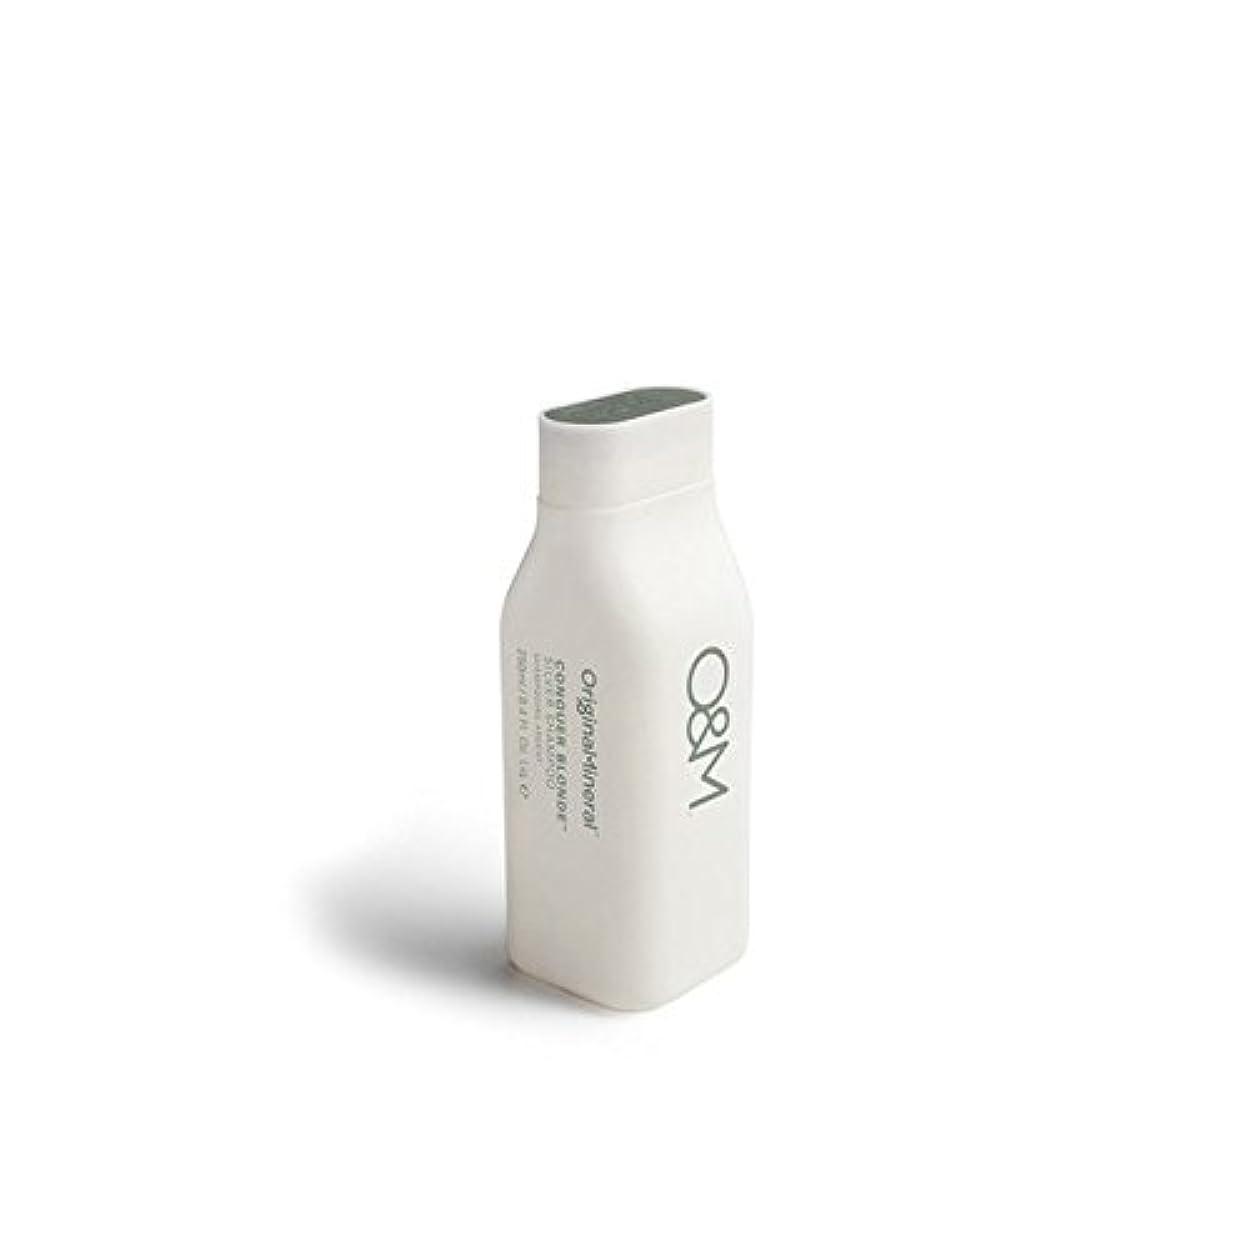 王位認証圧倒するOriginal & Mineral Conquer Blonde Silver Shampoo (250ml) (Pack of 6) - オリジナル&ミネラル統治ブロンド銀シャンプー(250ミリリットル) x6 [並行輸入品]